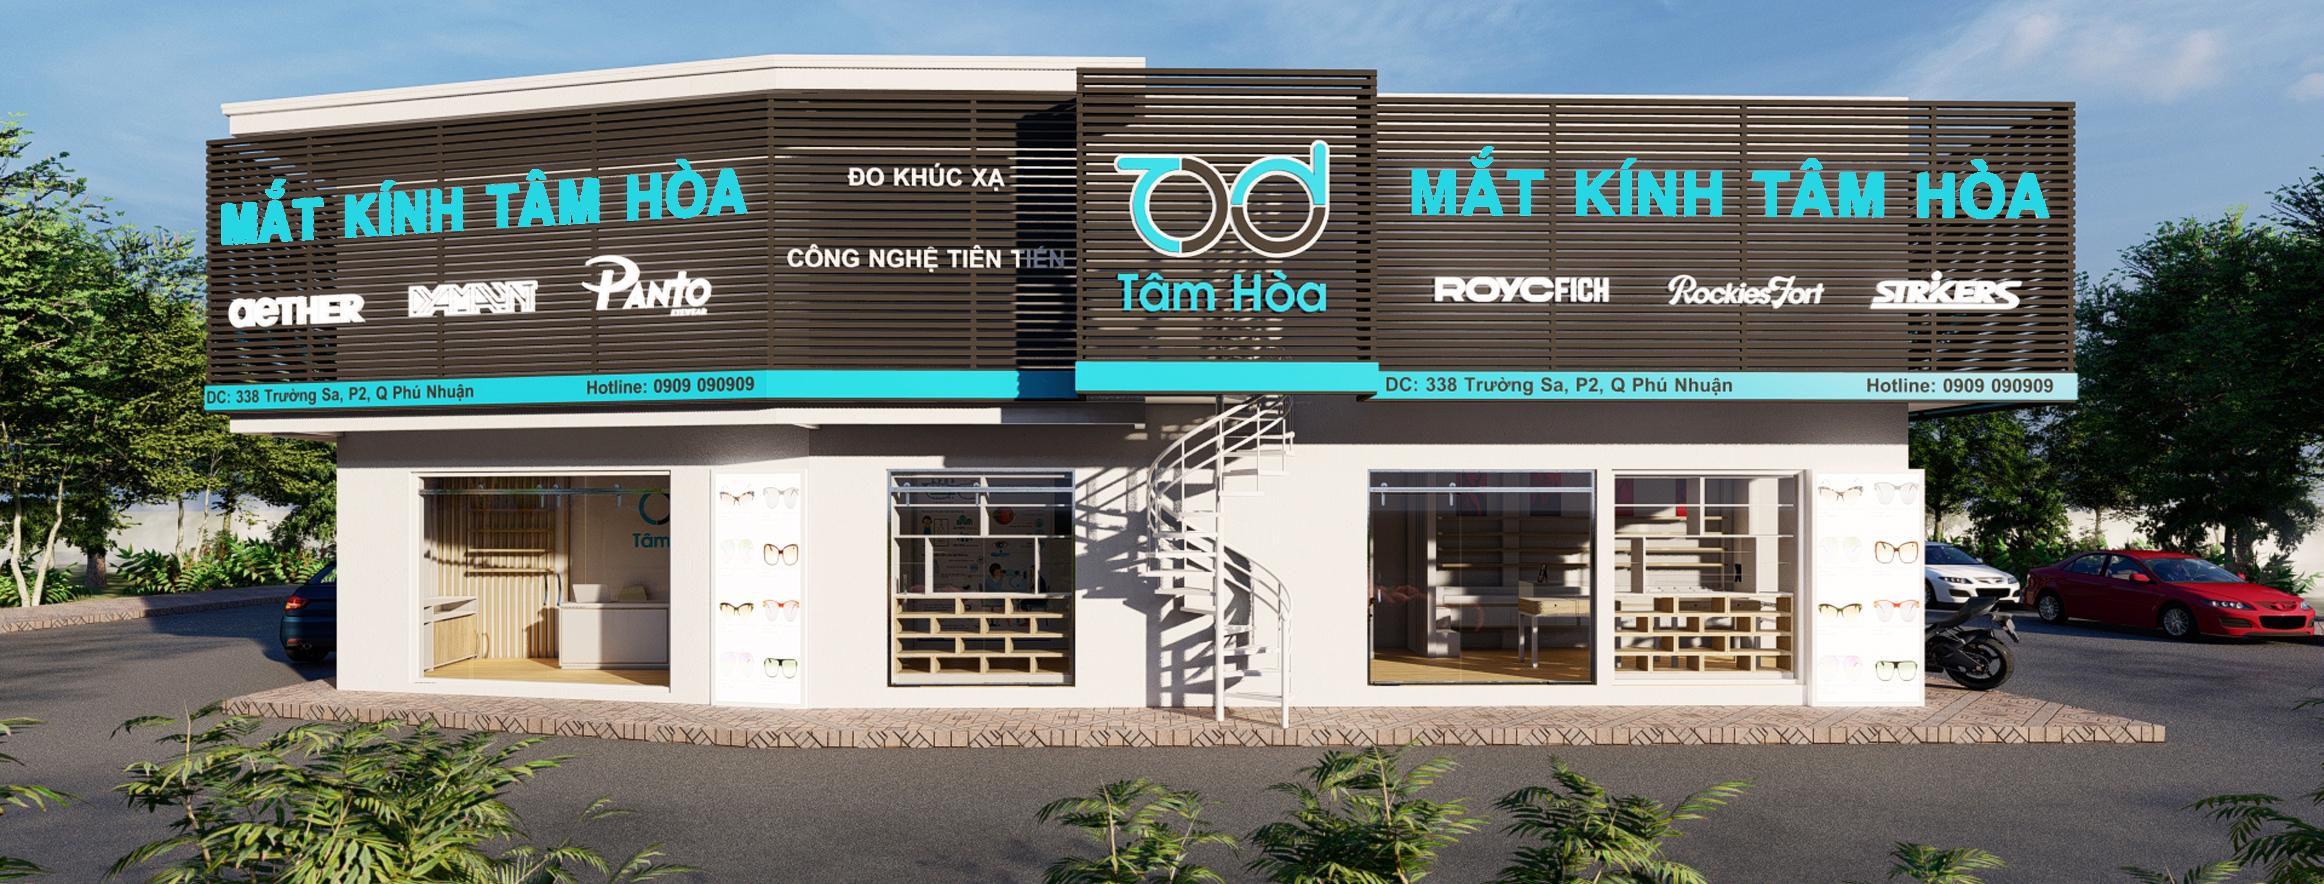 Thiết kế nội thất cửa hàng mắt kính Tâm Hòa